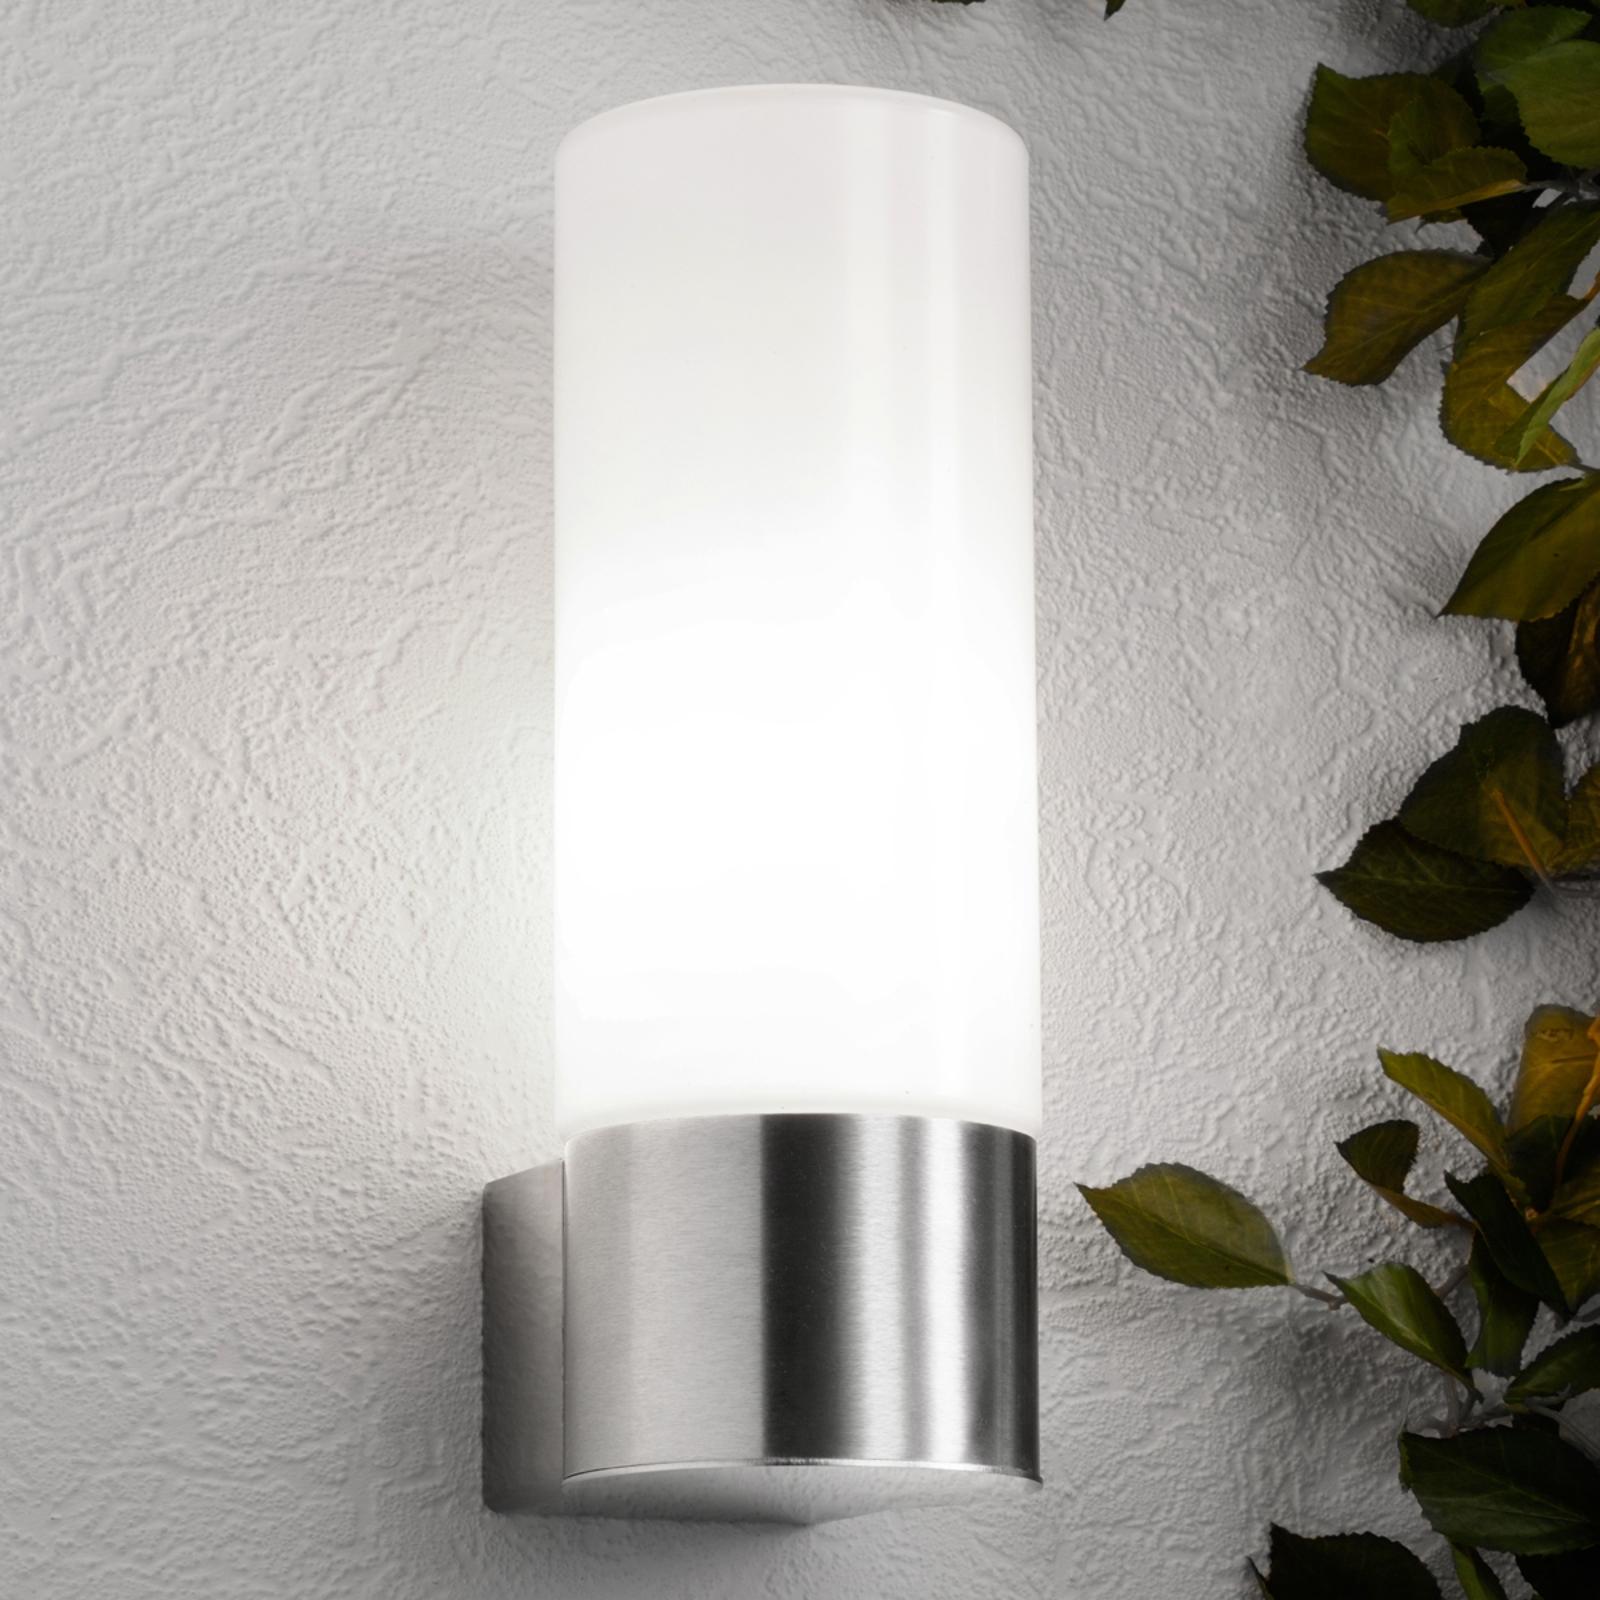 Lampa ścienna zewnętrzna Cala bez czujnika